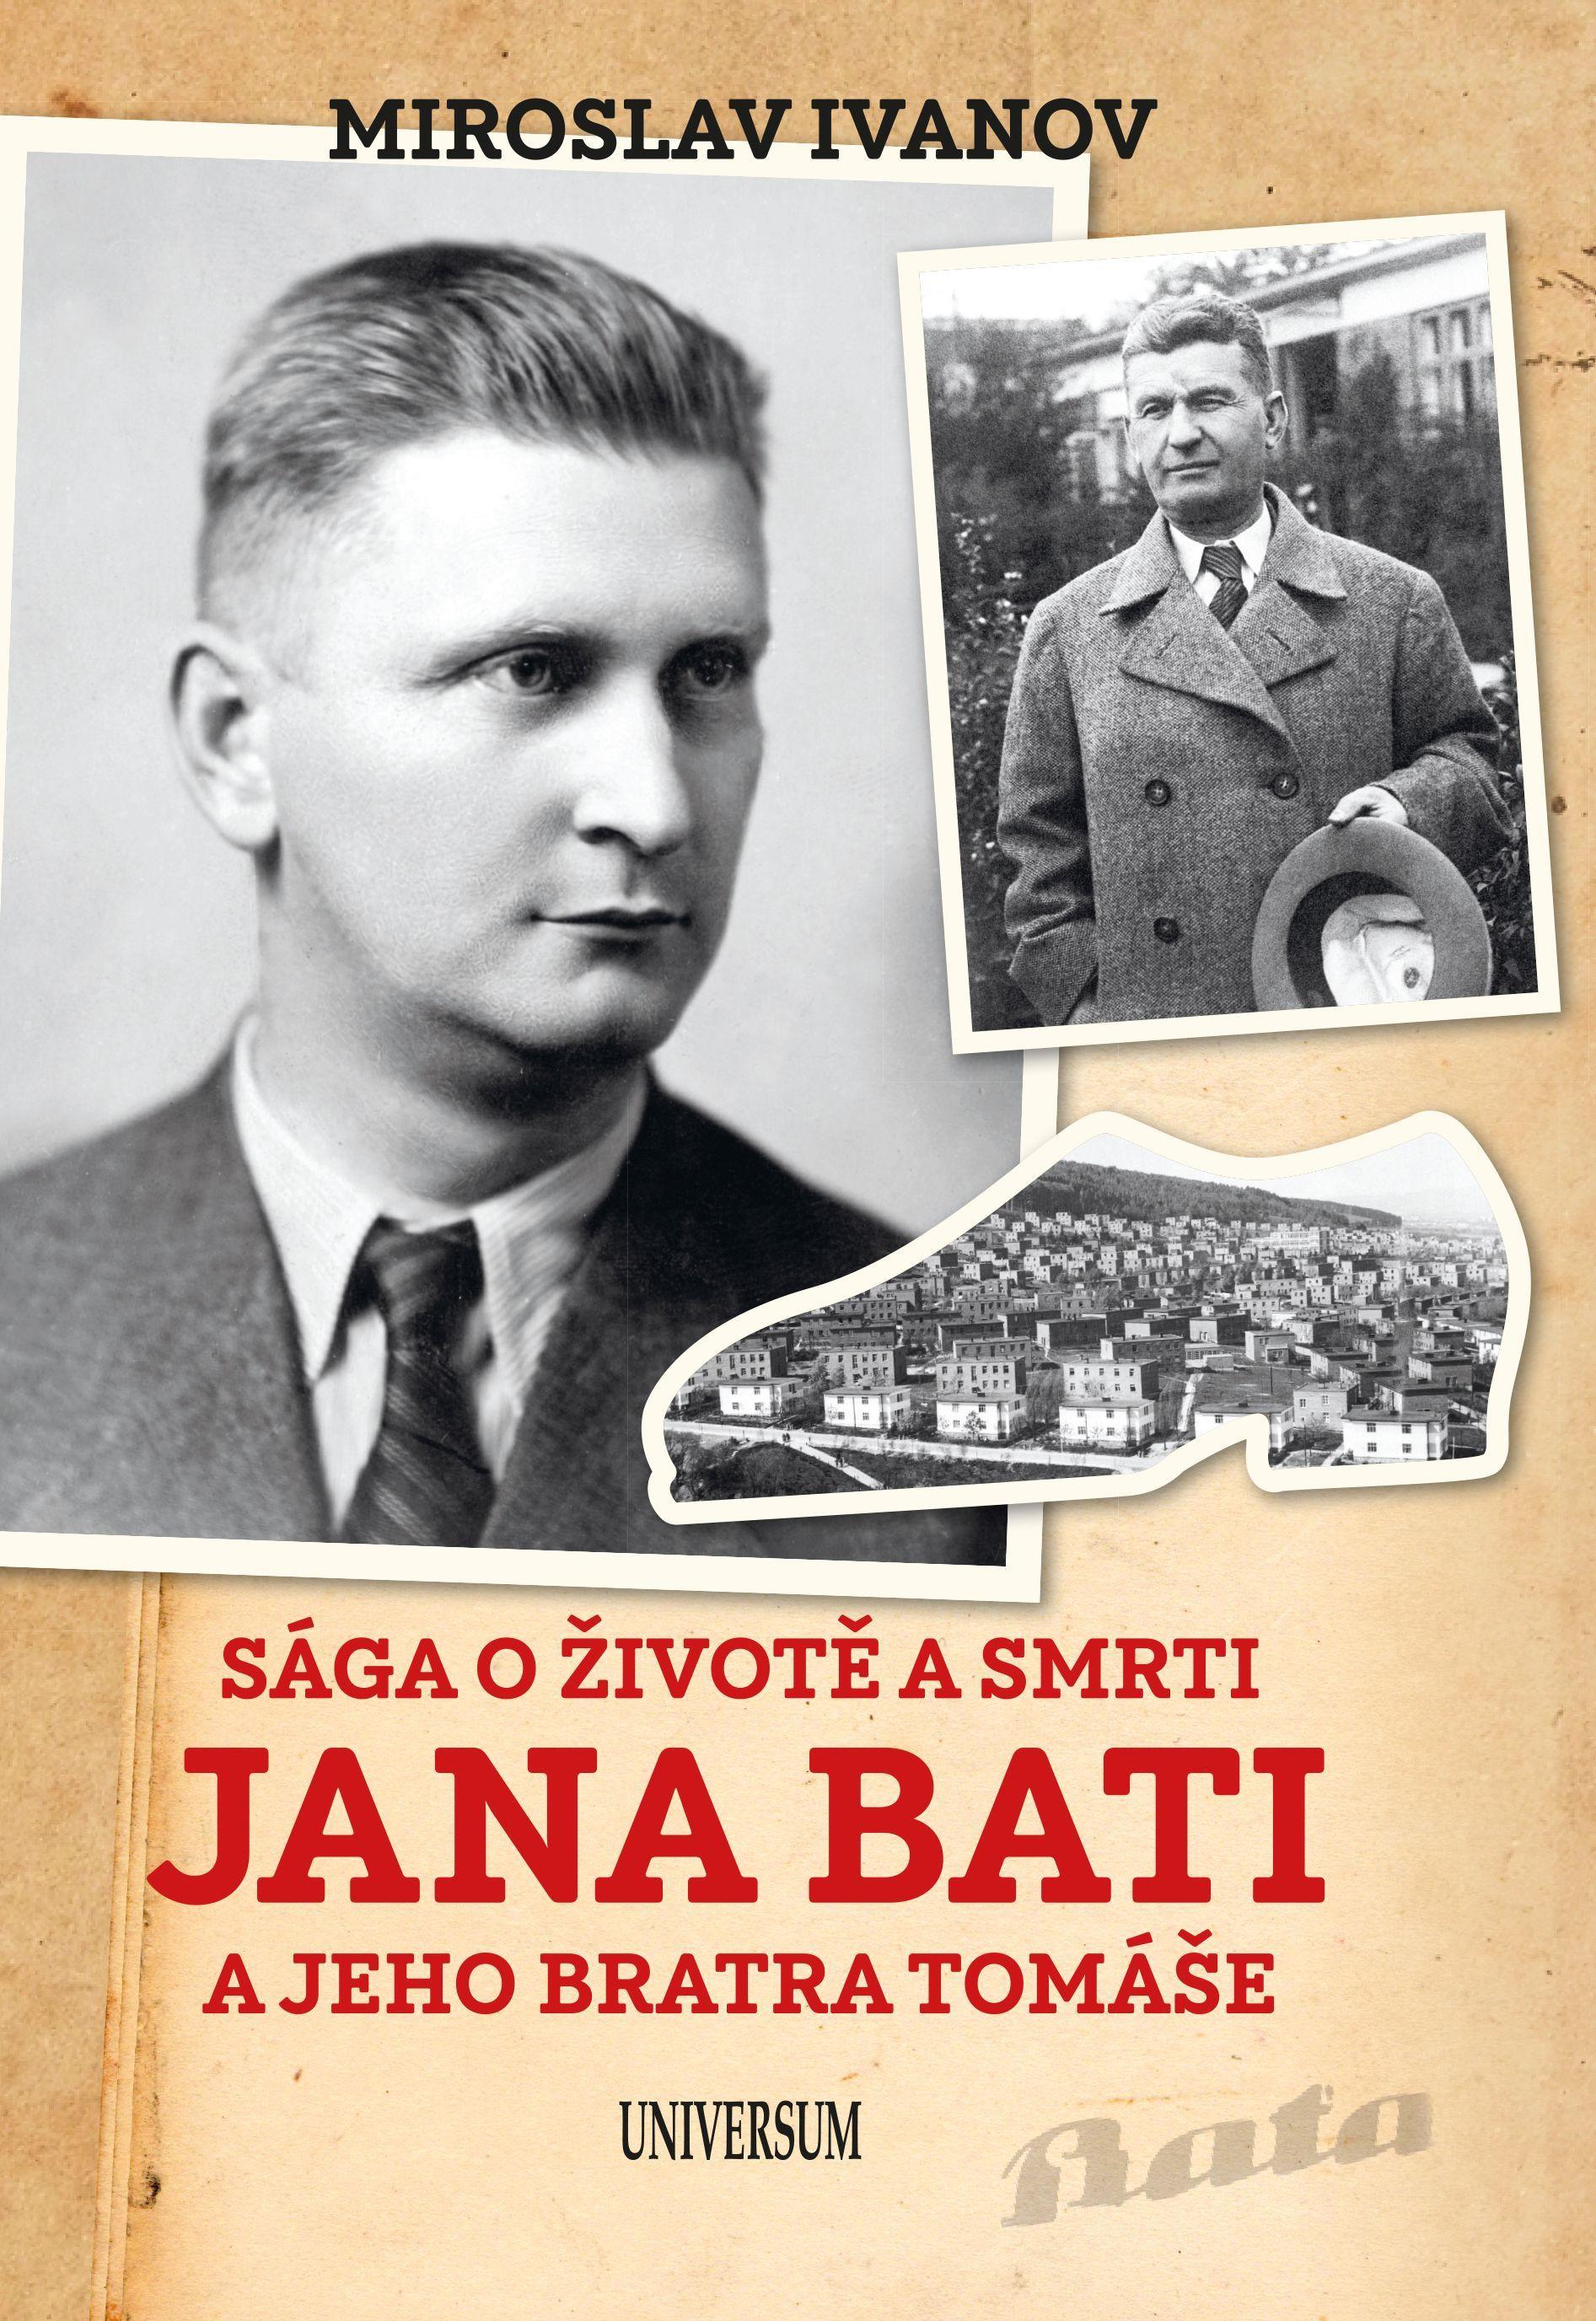 Sága o životě a smrti Jana Bati a jehoSága o životě a smrti Jana Bati a jeho bra